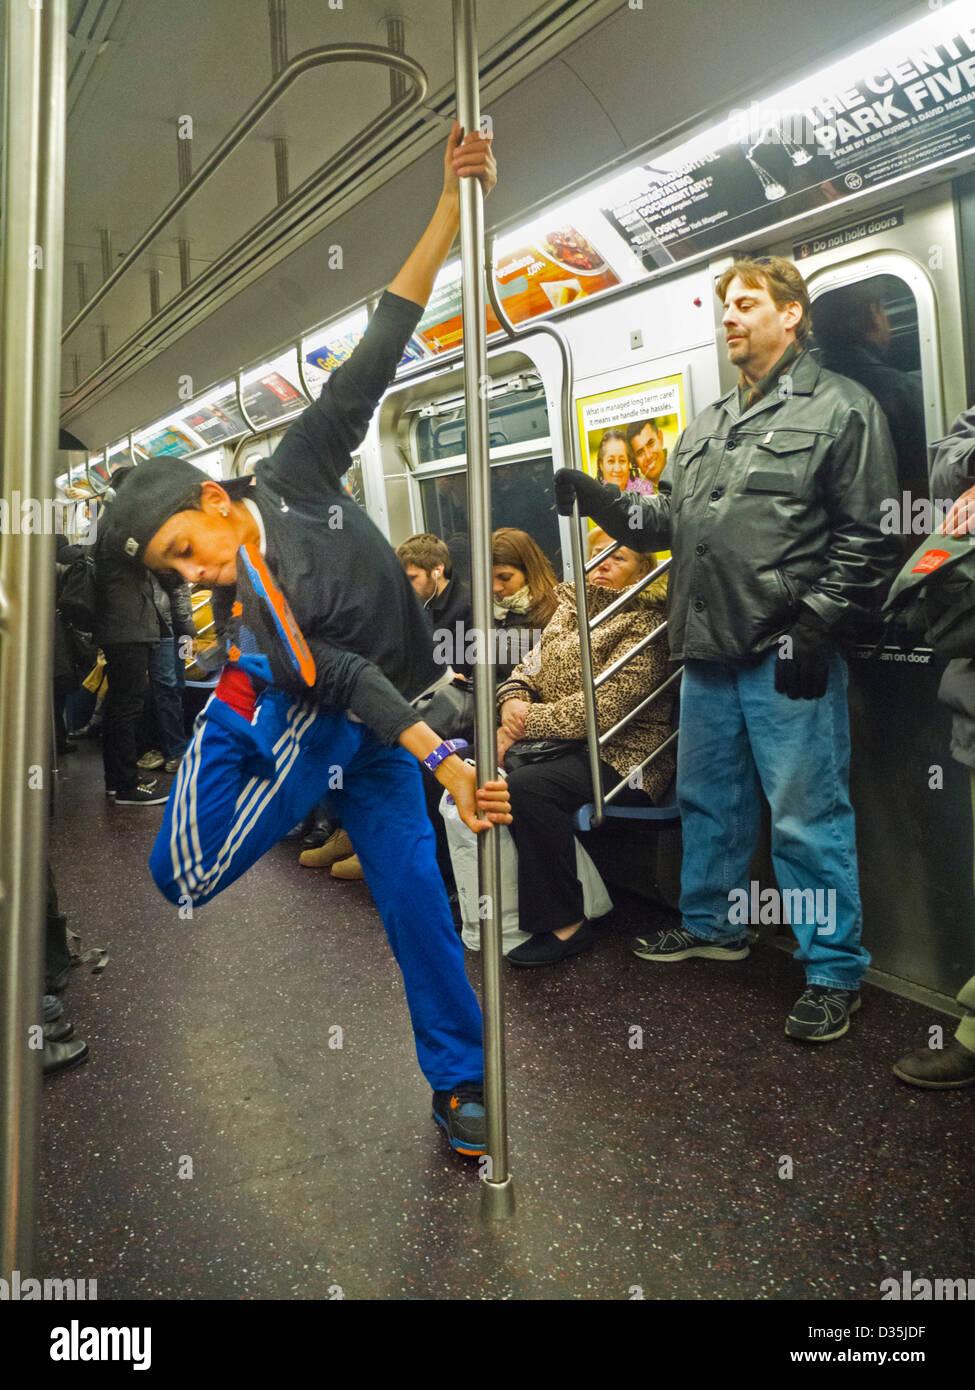 subway passengers in New York City - Stock Image